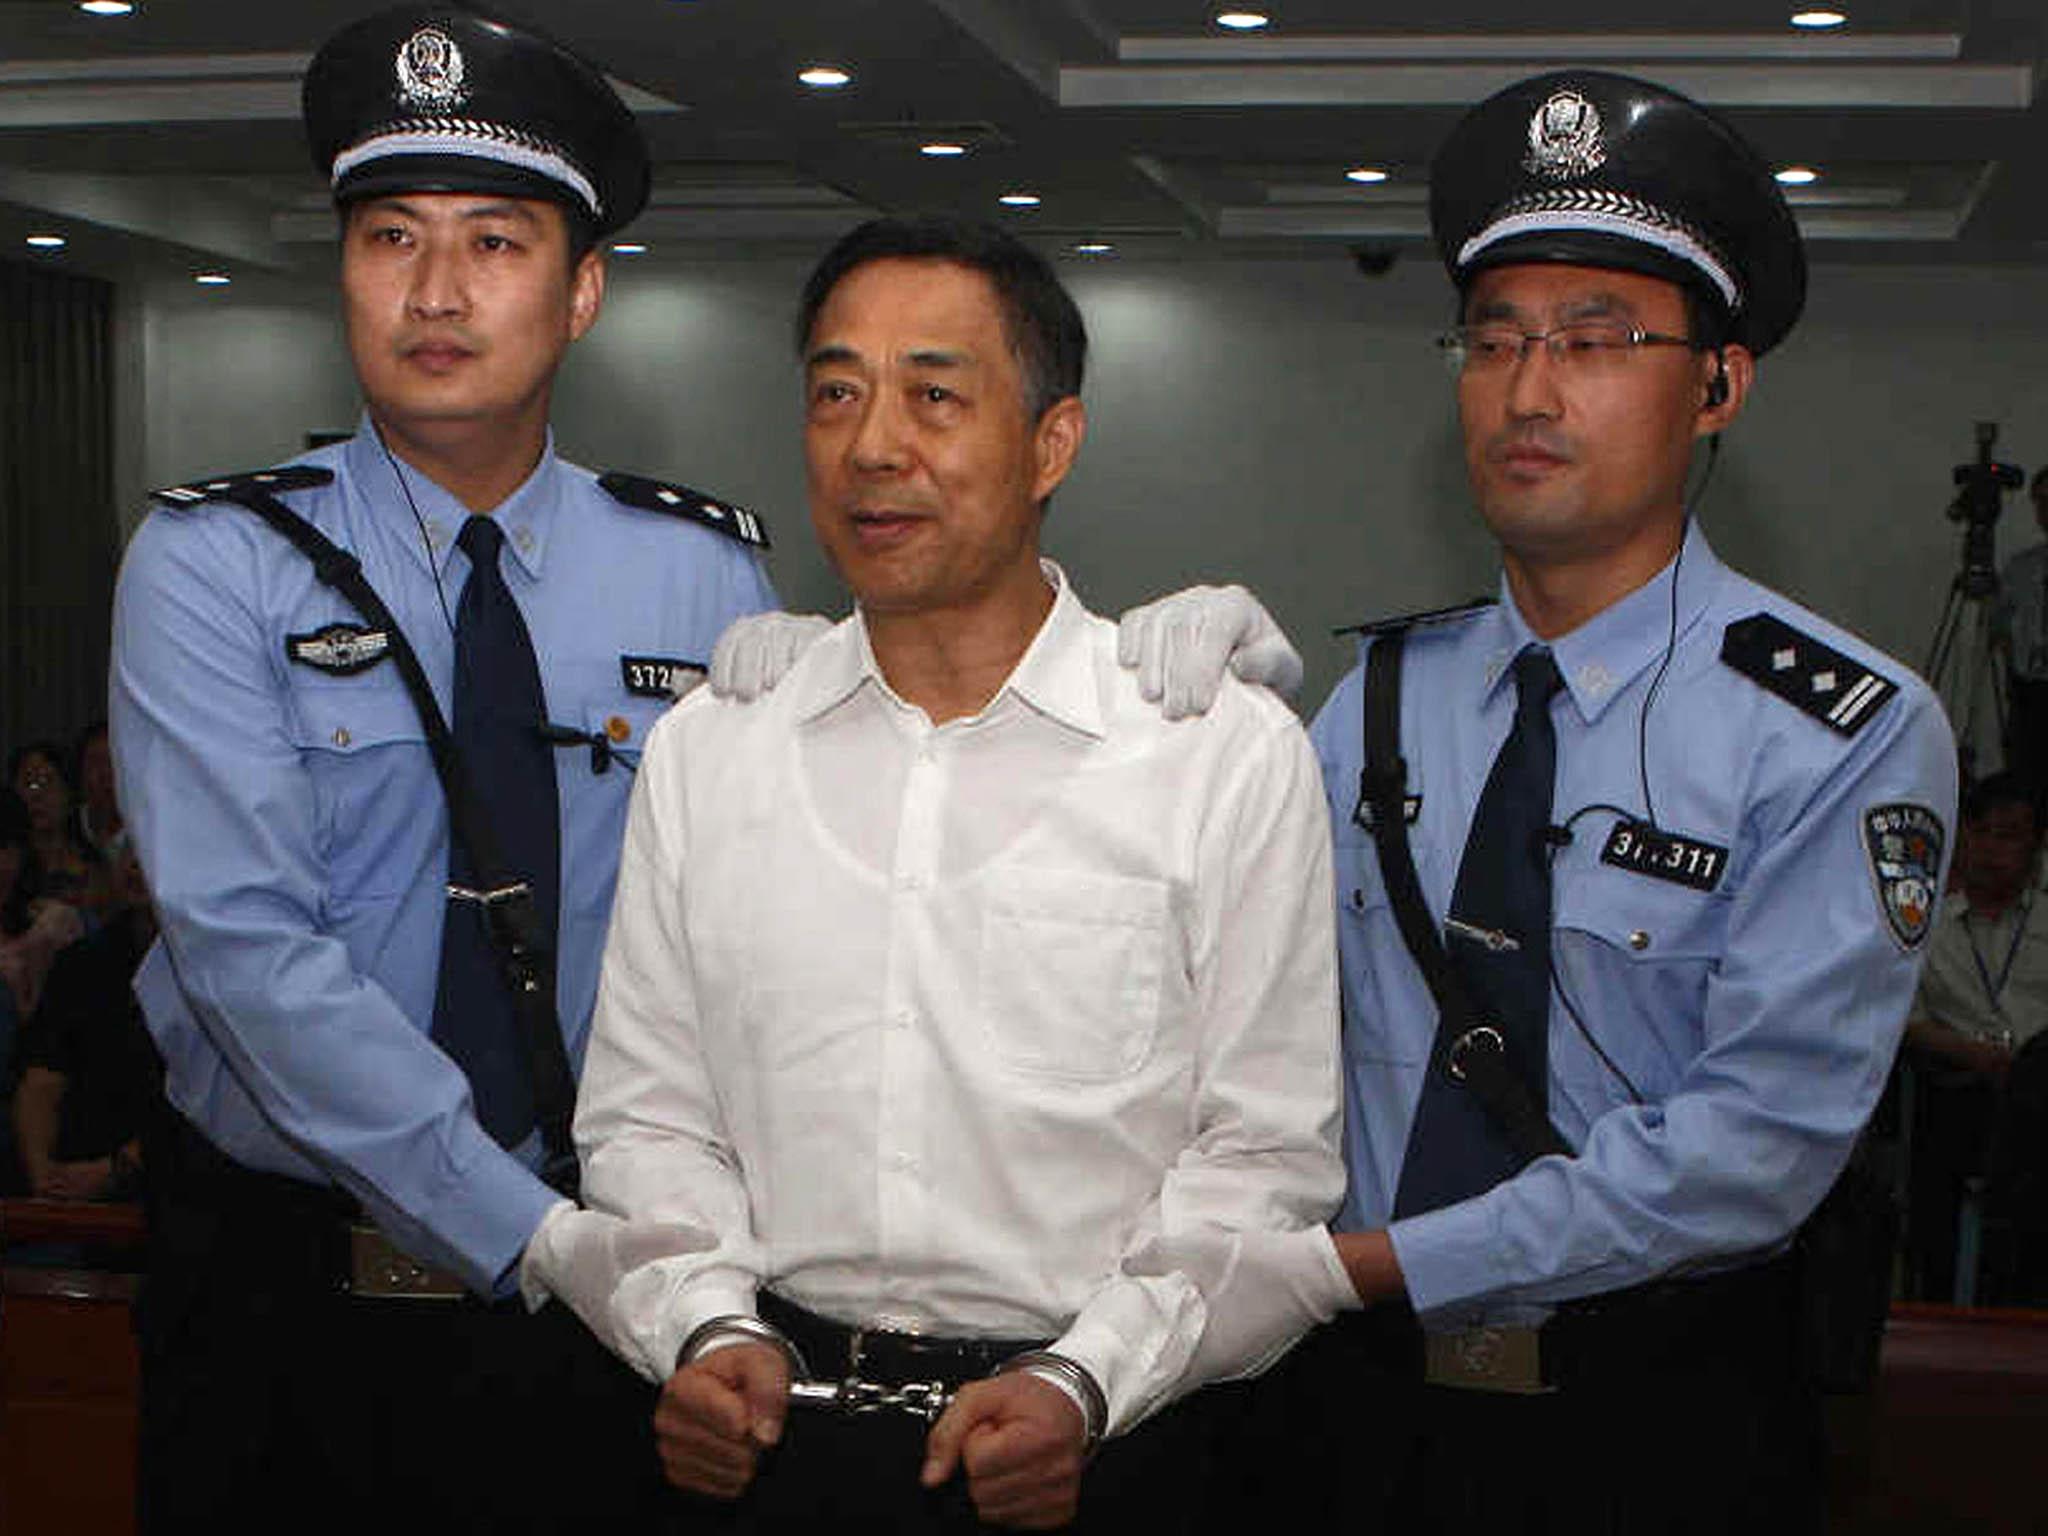 Po nástupu do čela strany se Si začal zbavovat svých politických protivníků. Jako prvního PoSi-laje, populárního bojovníka proti korupci, který ale nakonec skončil vevězení právě zakorupci.